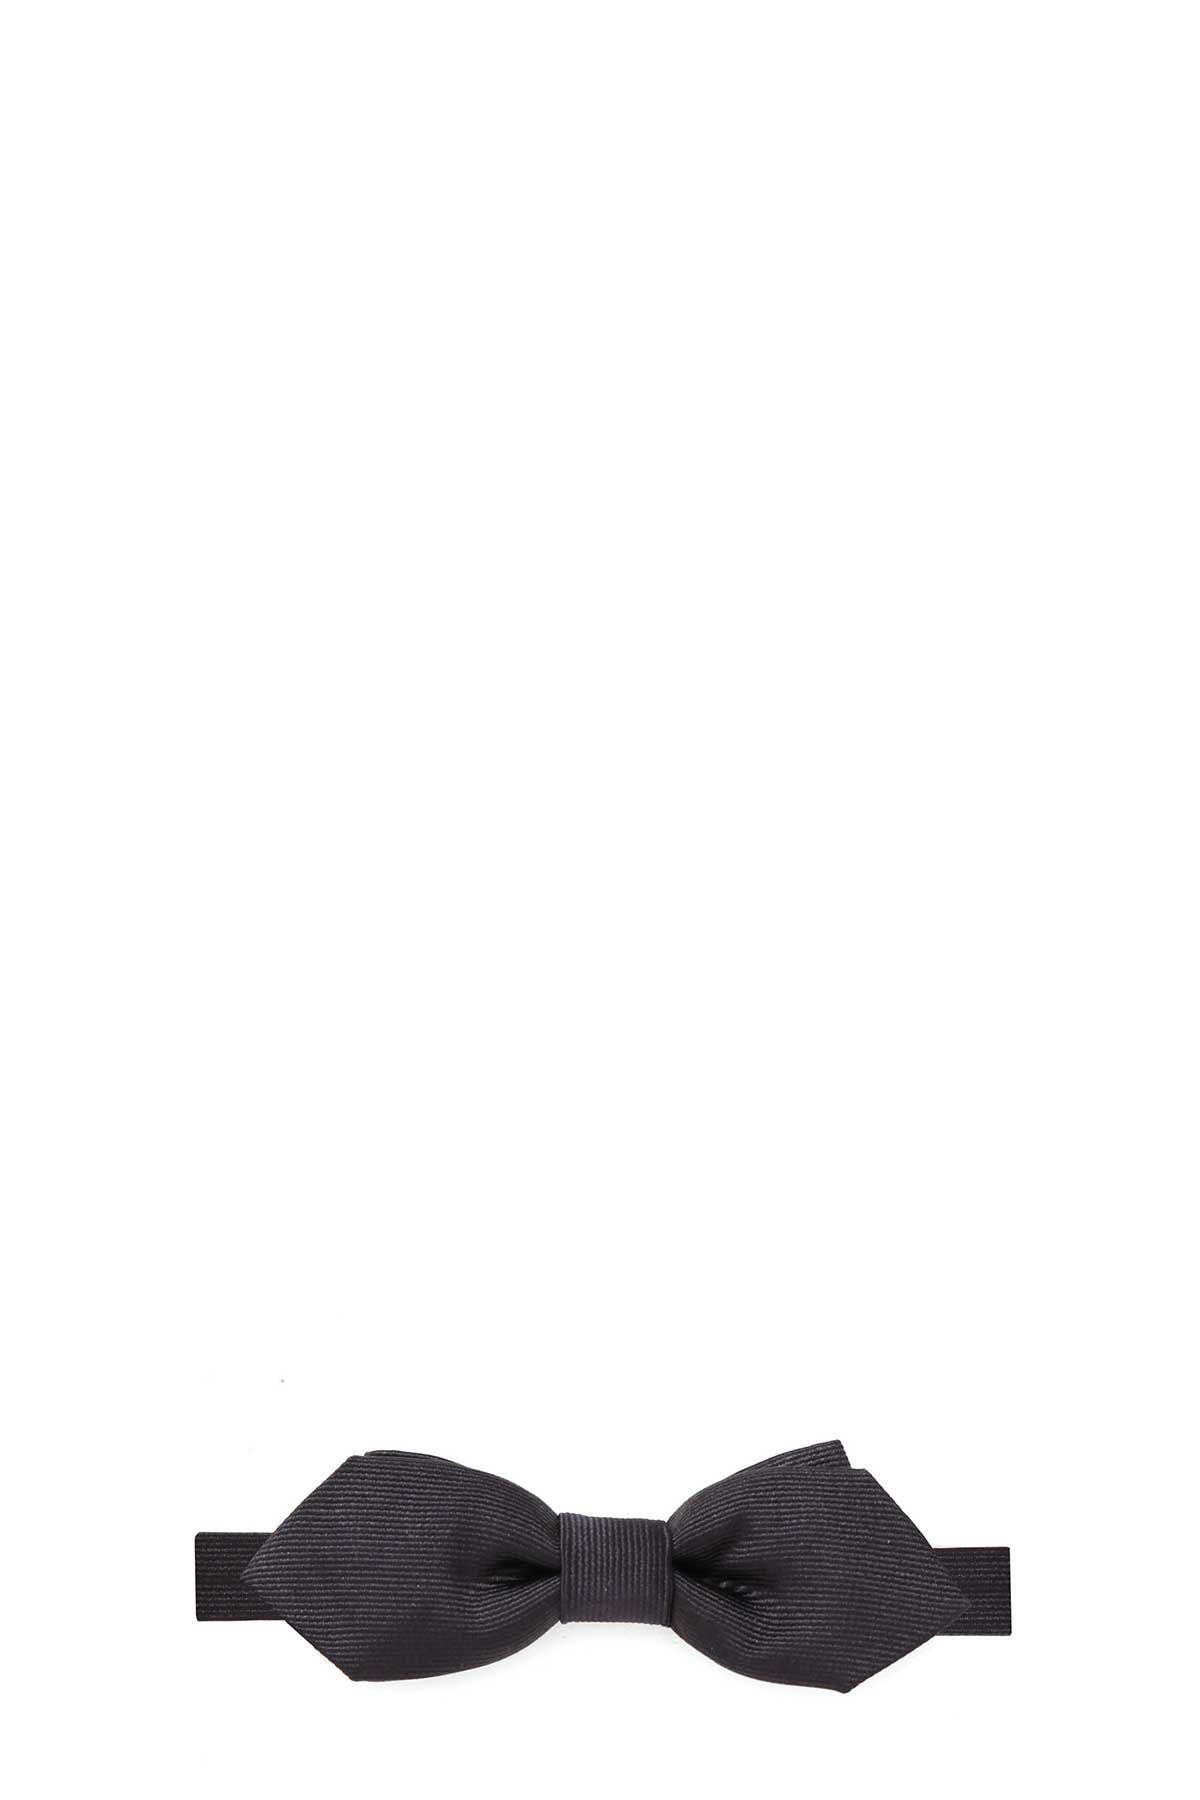 Dolce & Gabbana Dolce & Gabbana Satin Papillon